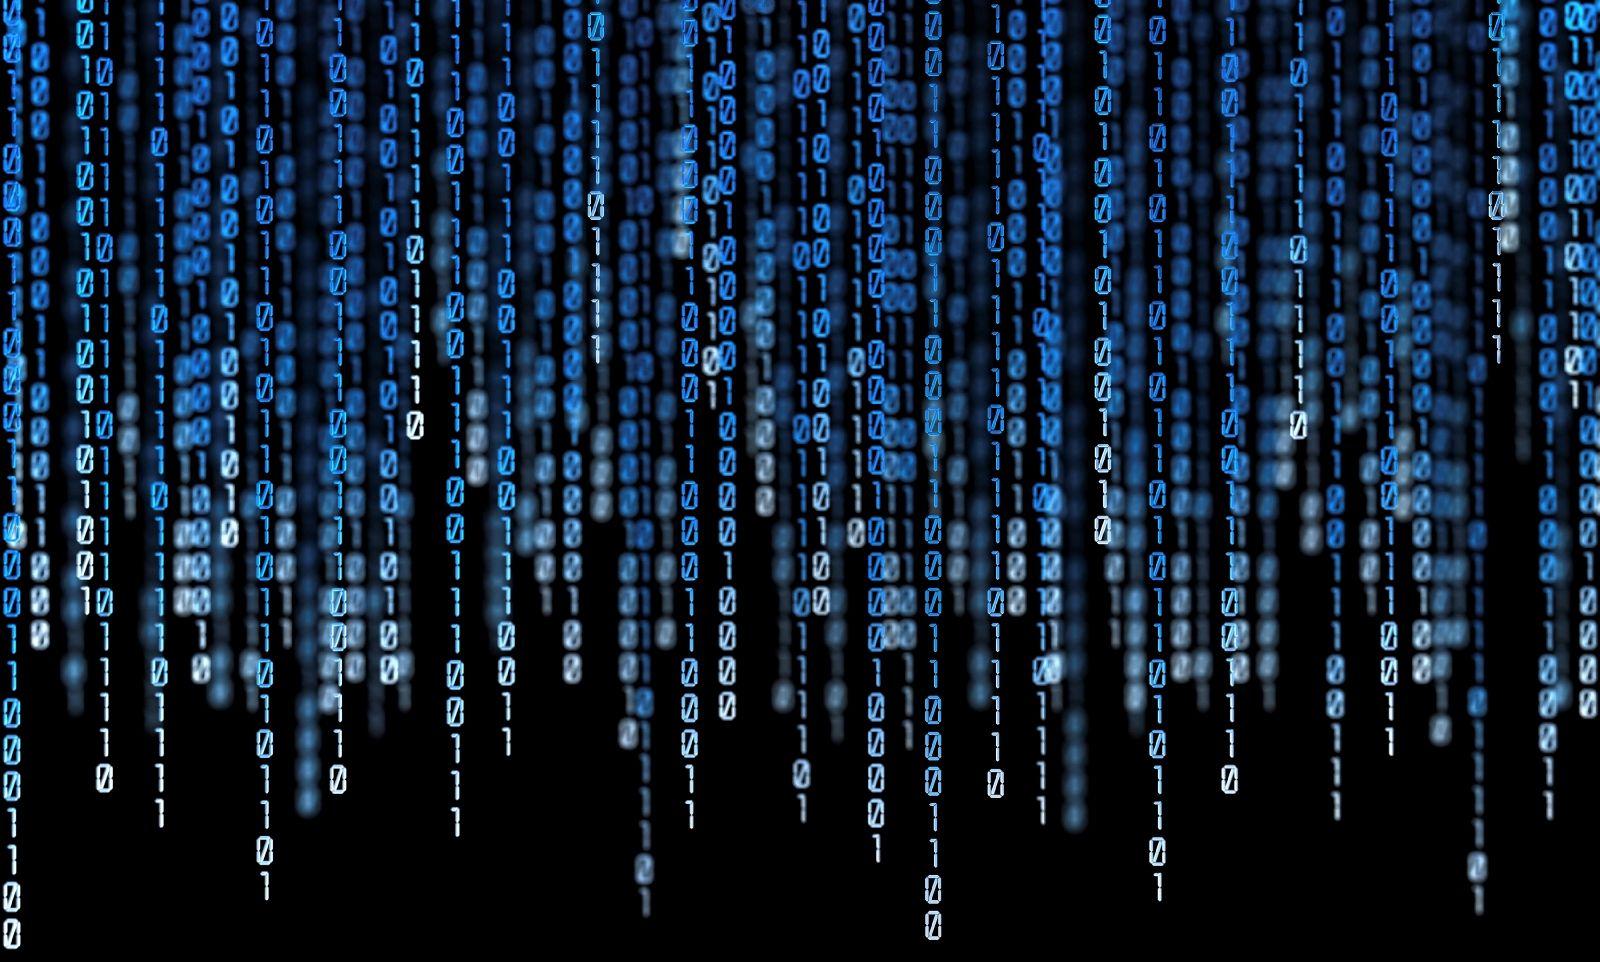 Big Data Stream Wallpaper Technology Wallpaper Code Art